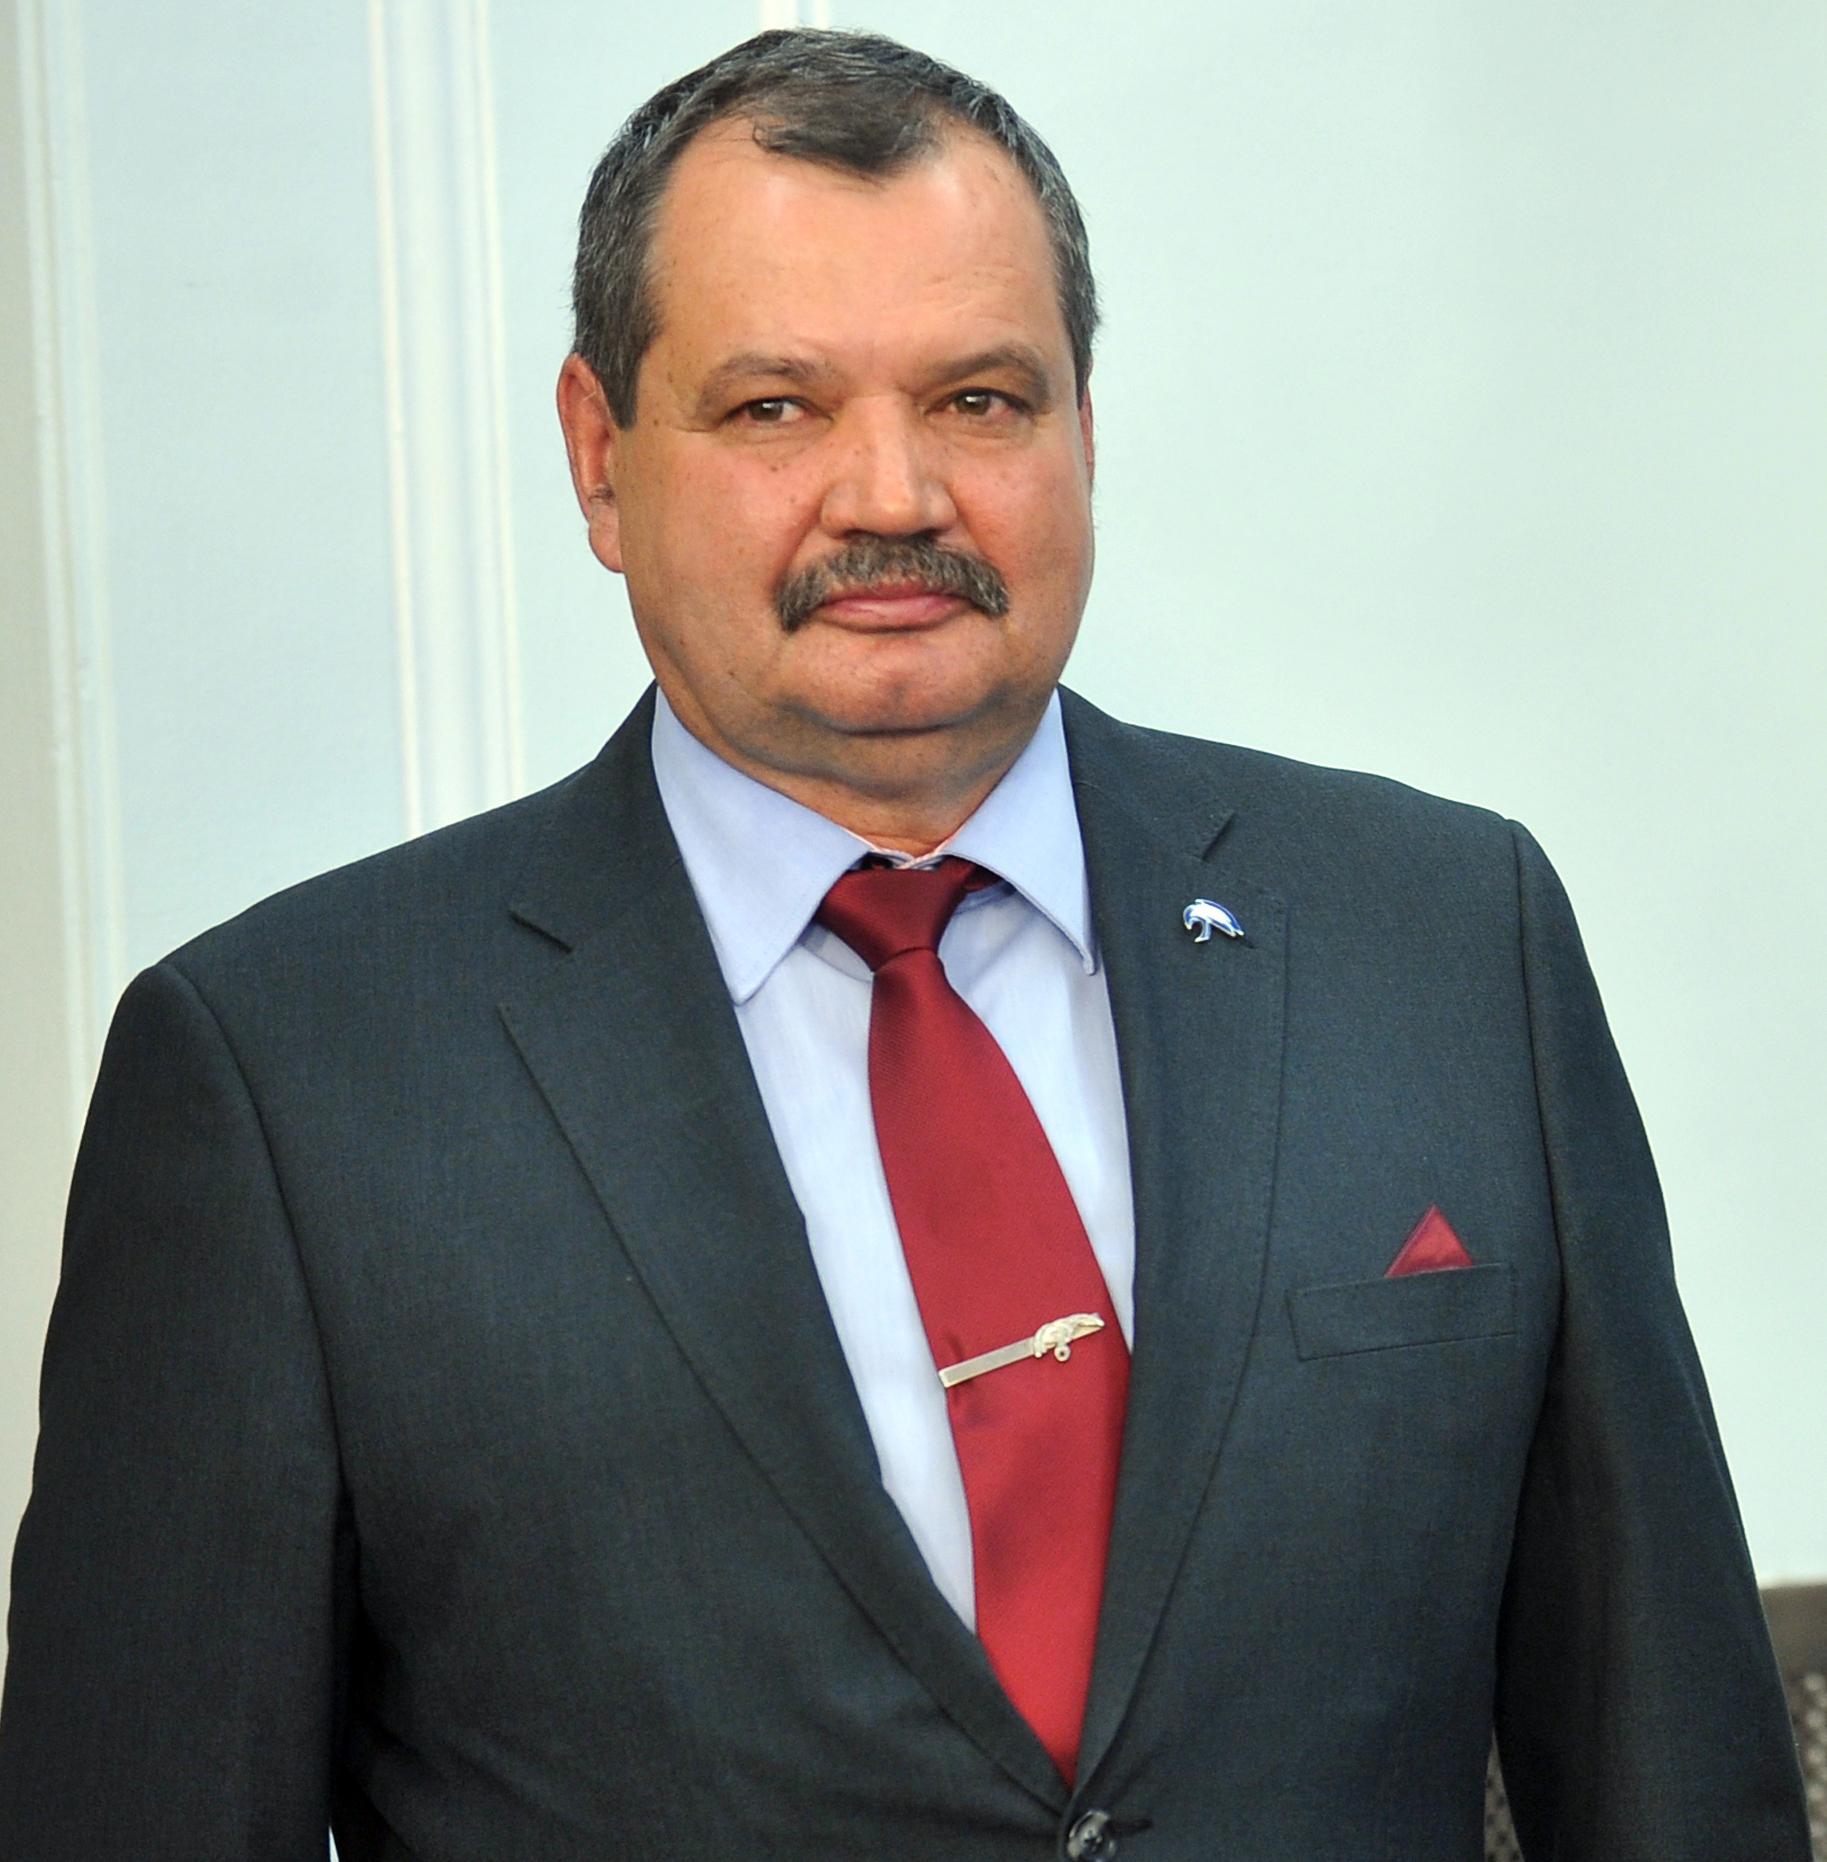 Na zdjęciu Zastępca RPO płk Krzysztof Olkowicz